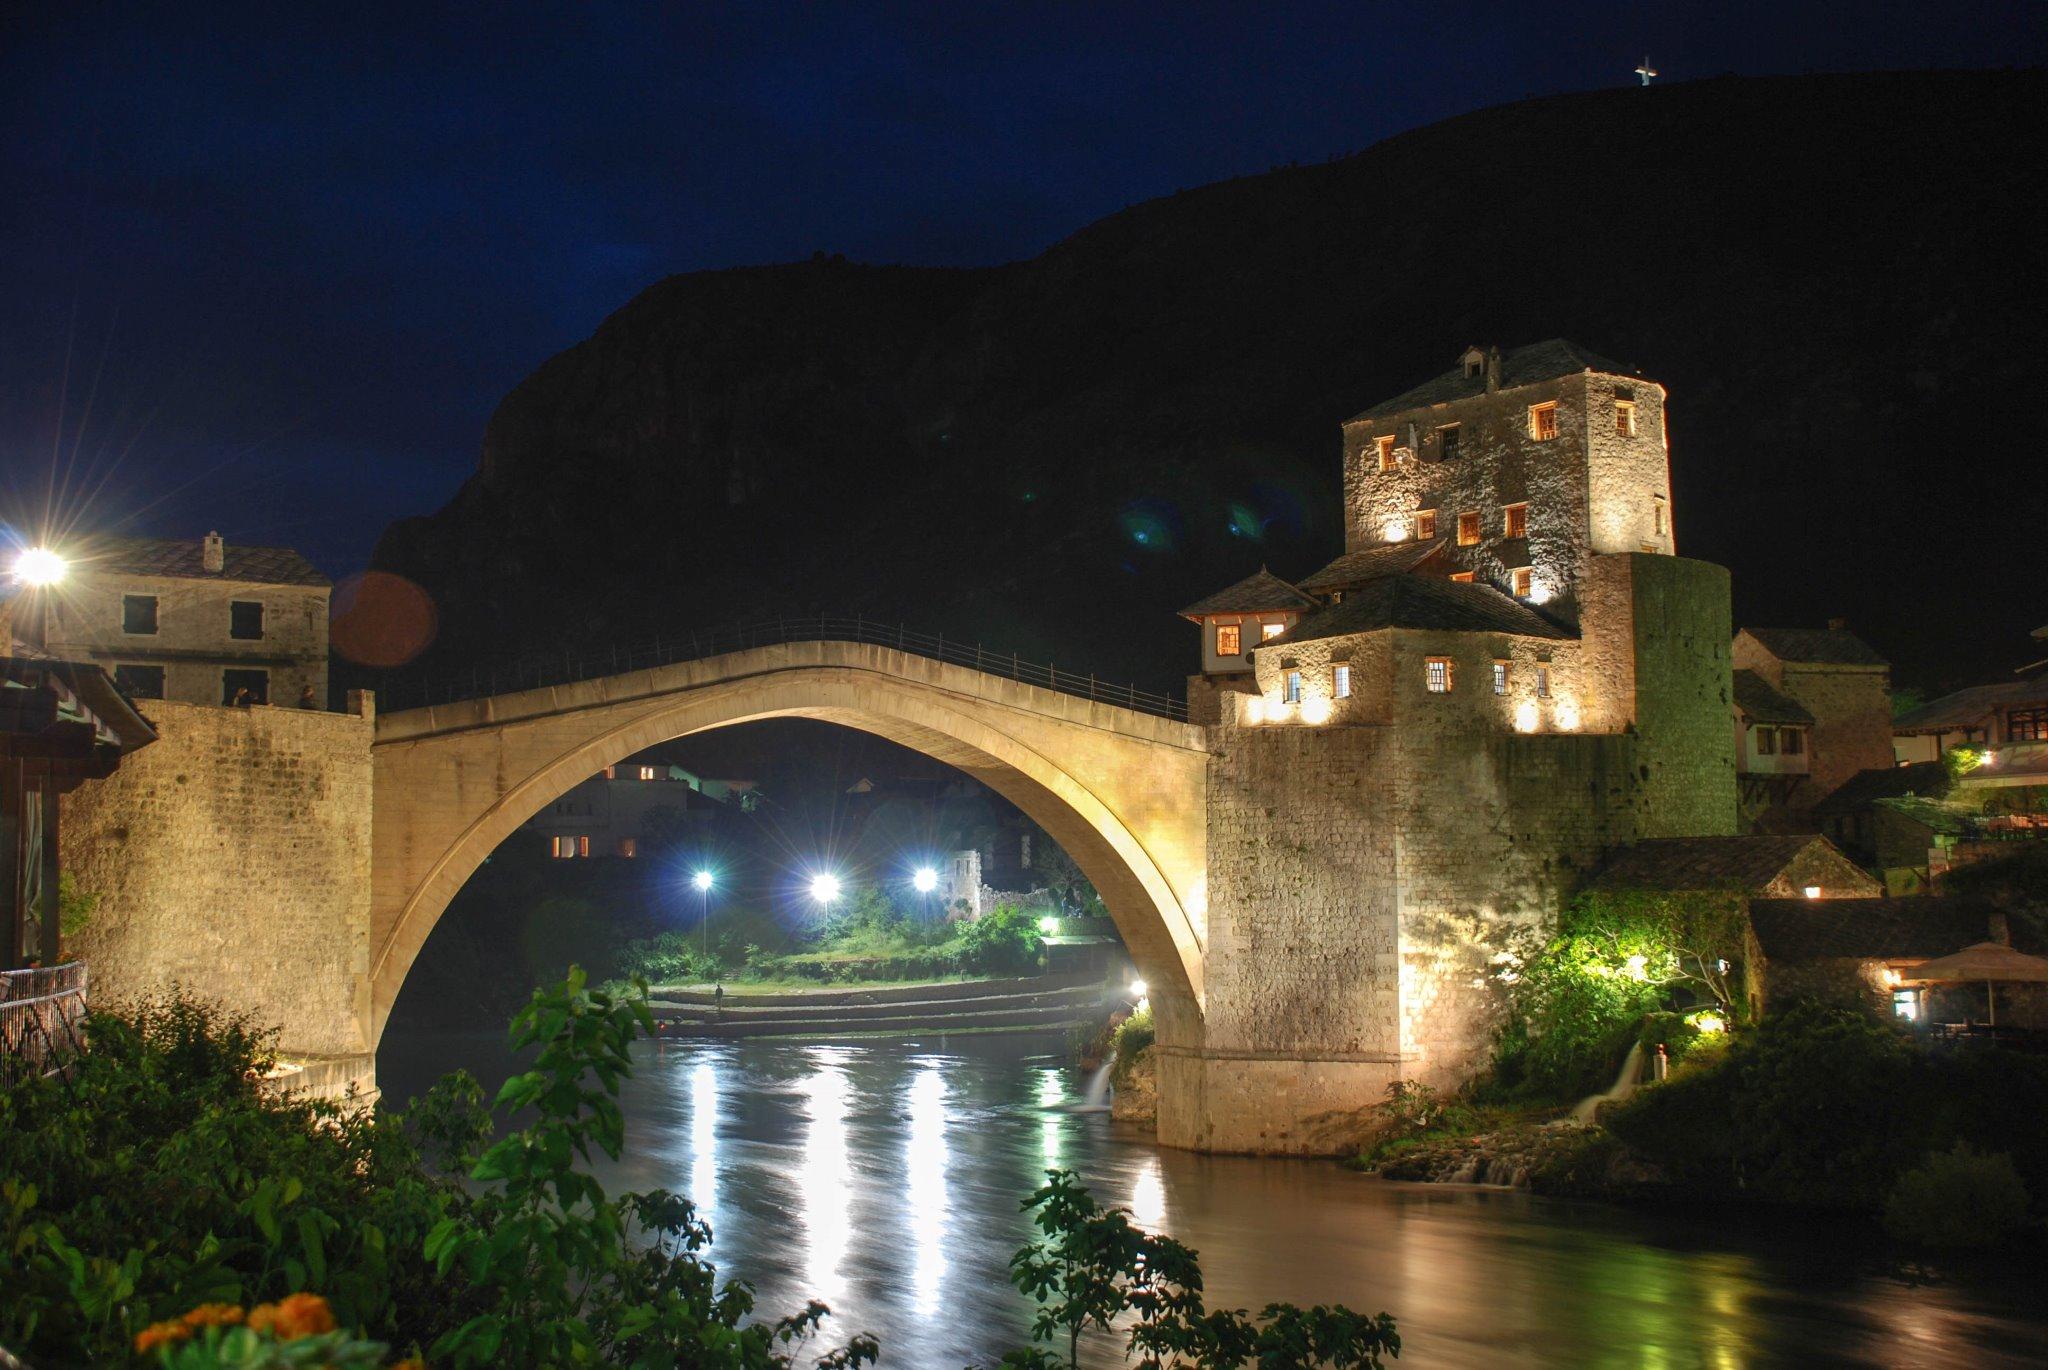 96940-Mostar_by_xiquinhosilva